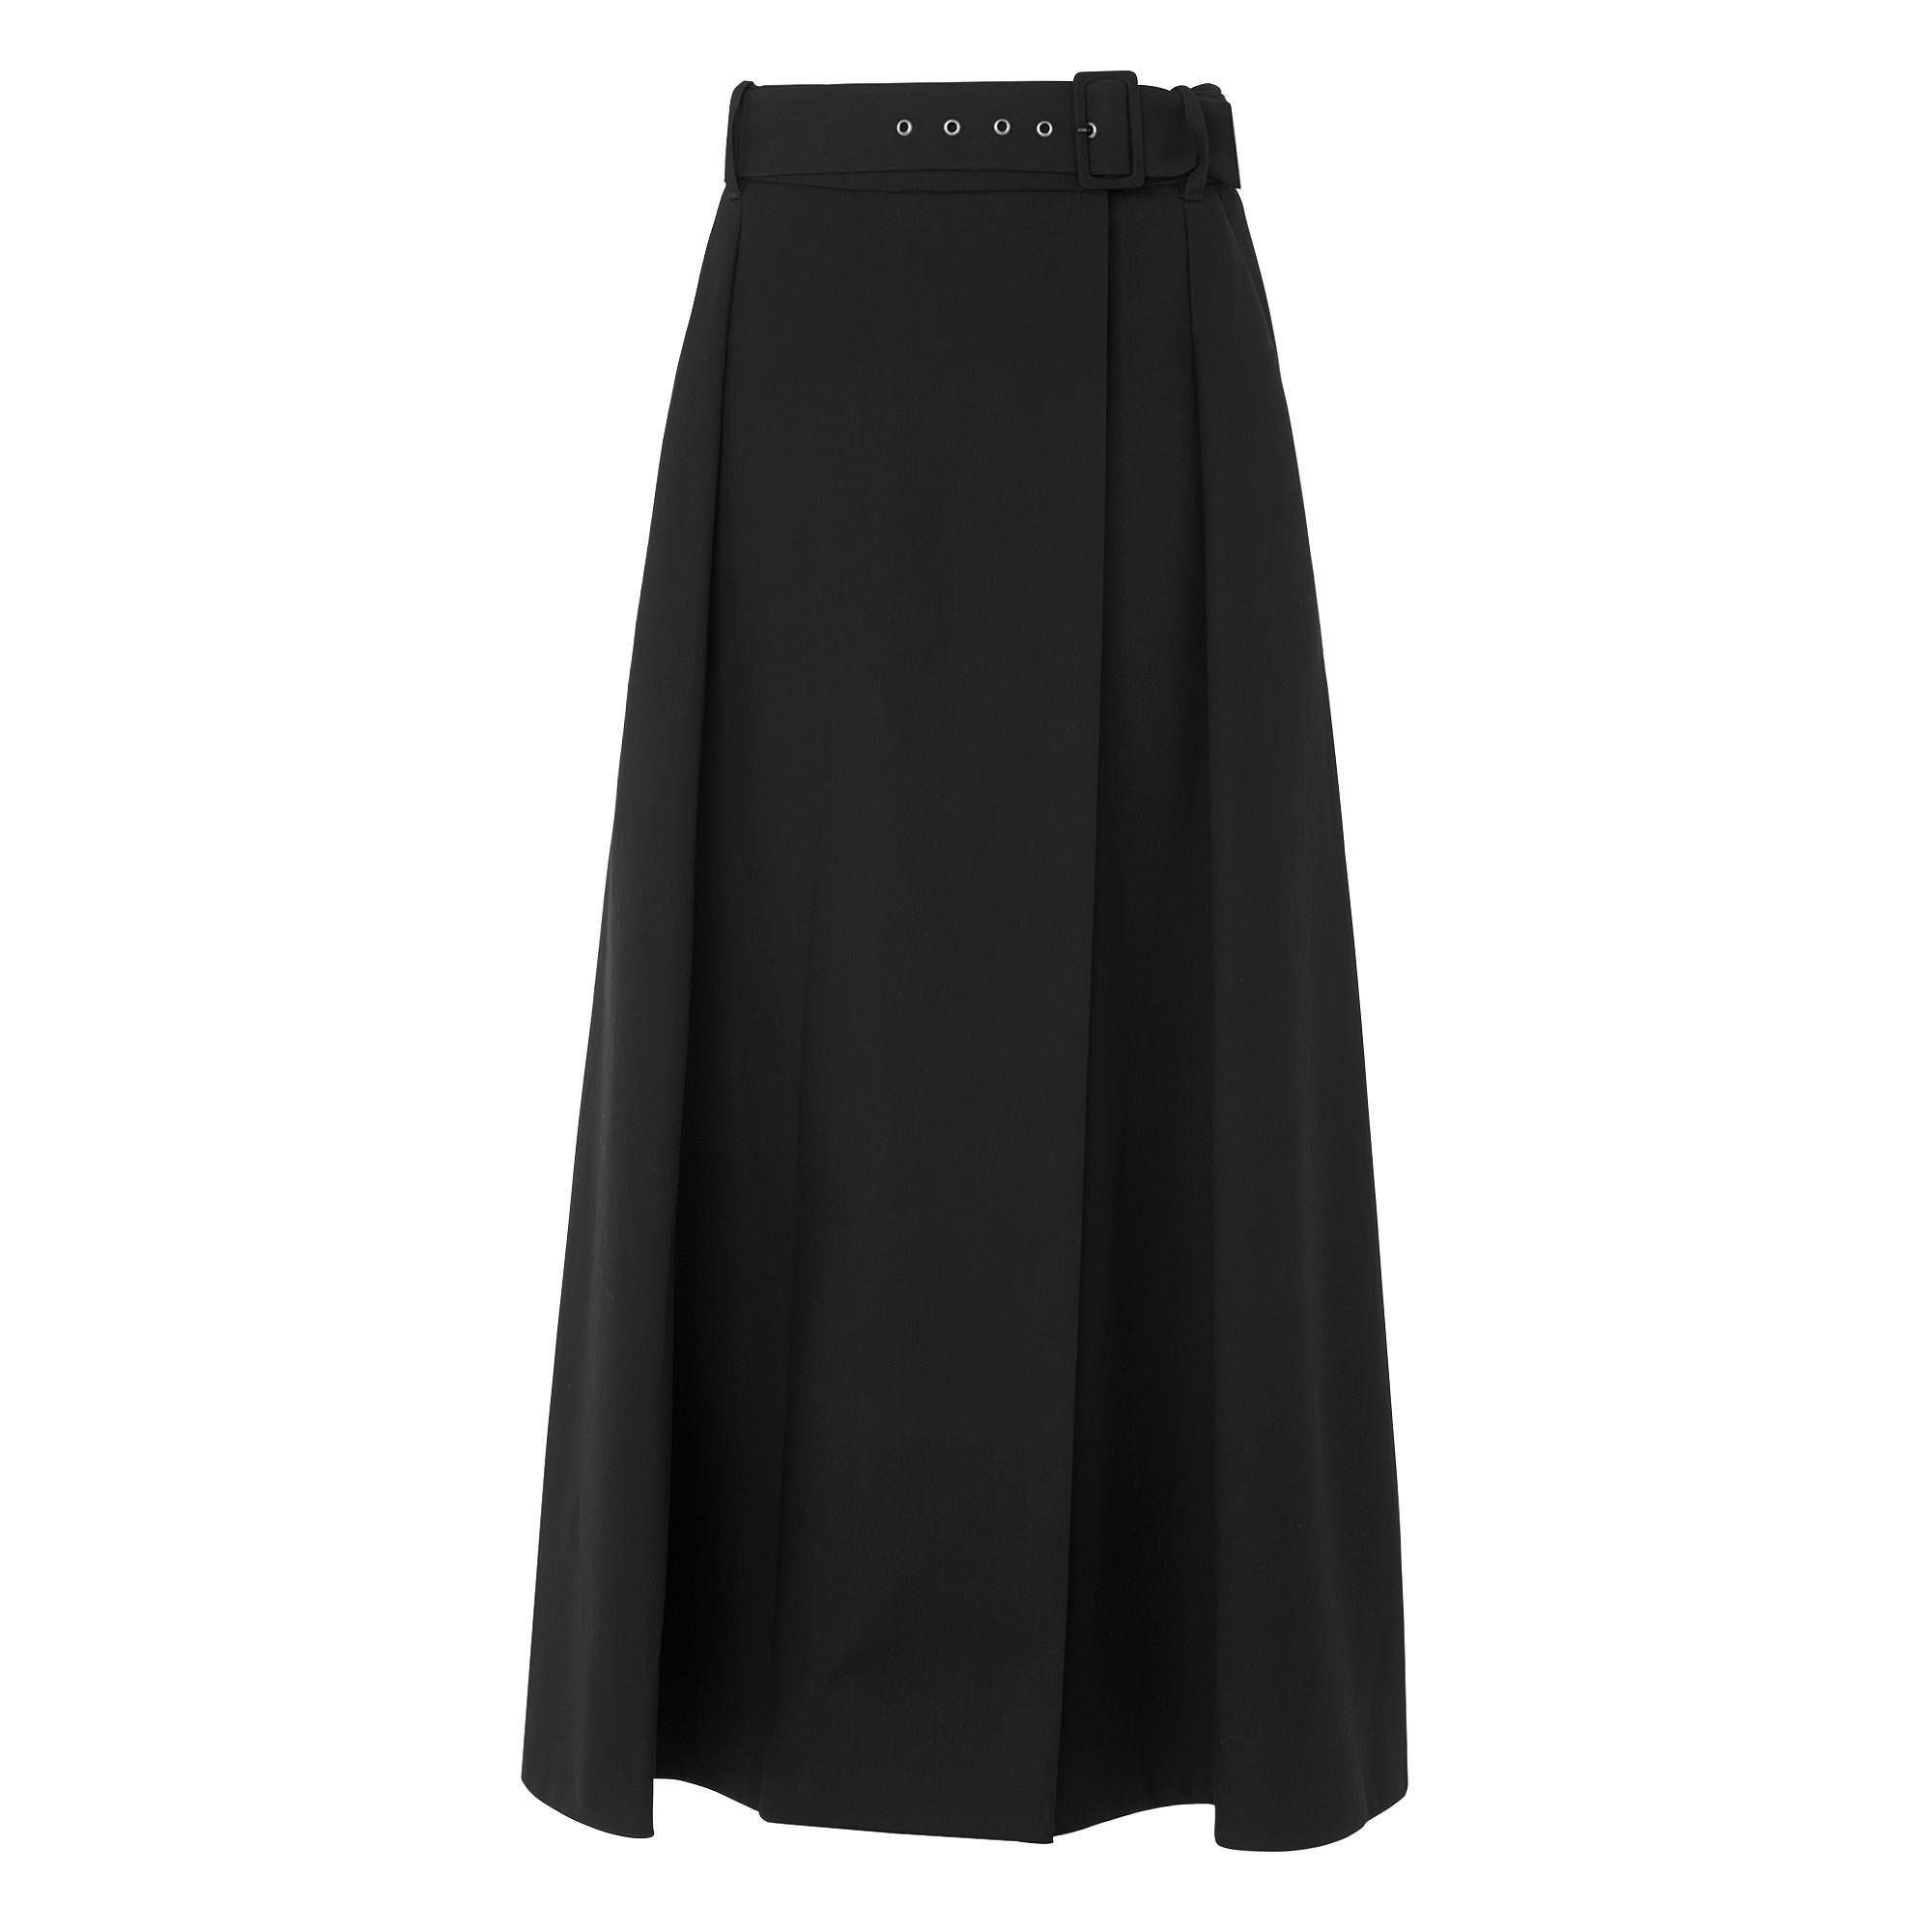 Santana Black Skirt